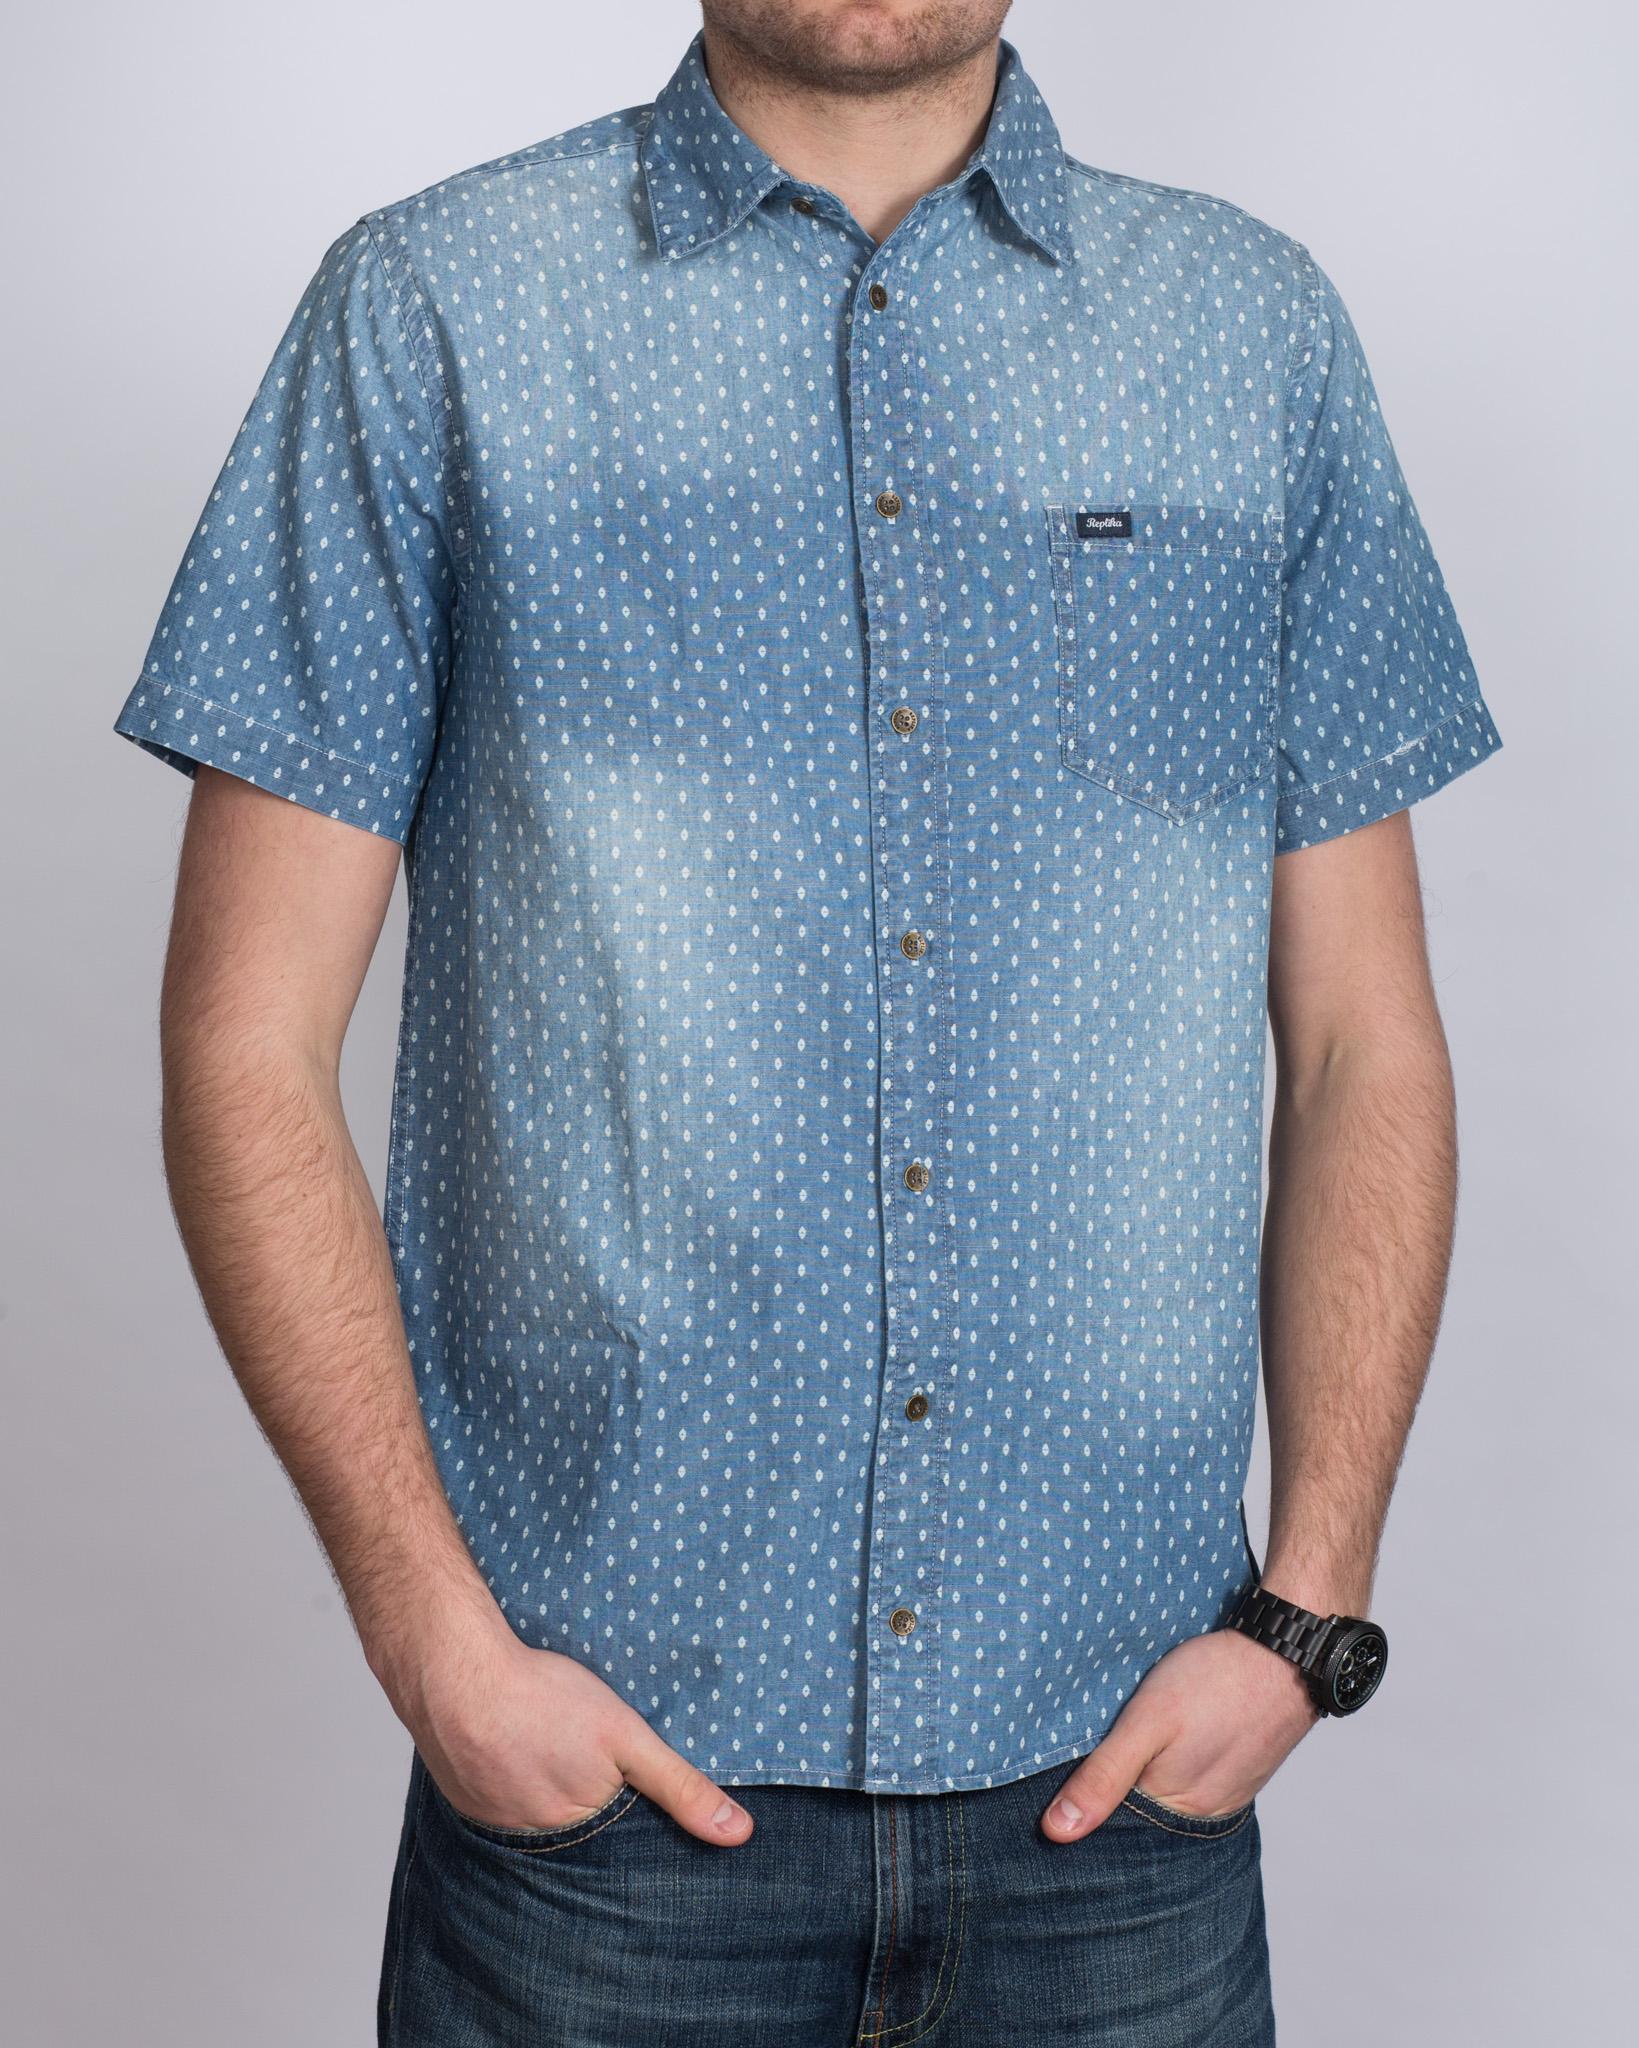 Replica Printed Tall Shirt (navy)